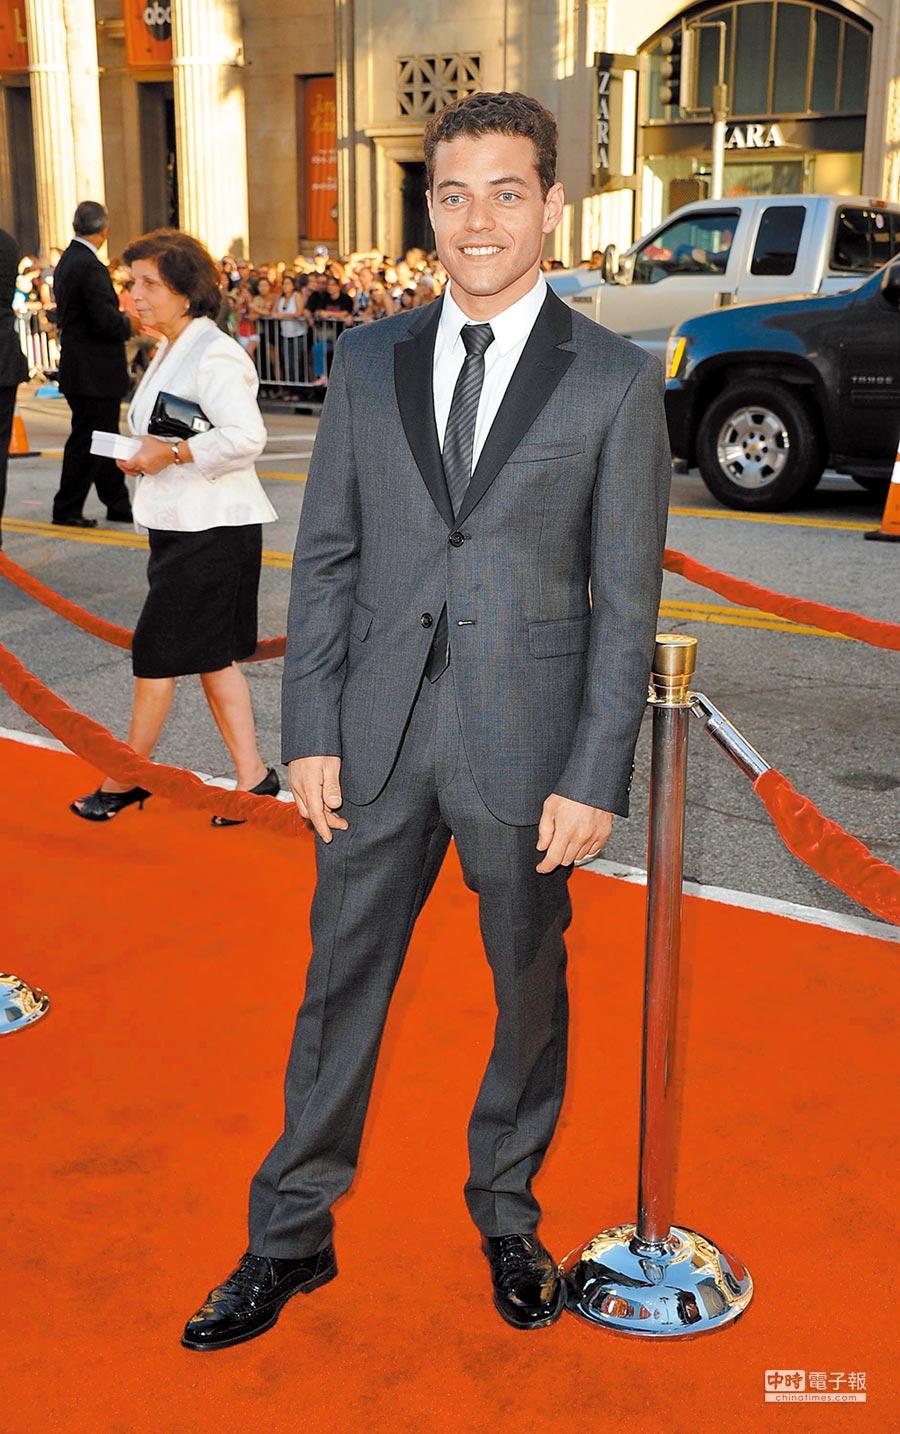 2011年,雷米馬利克在洛杉磯出席電影《愛情速可達》首映時,選擇深黑色的燕尾服式西裝,走中規中矩路線。(CFP)